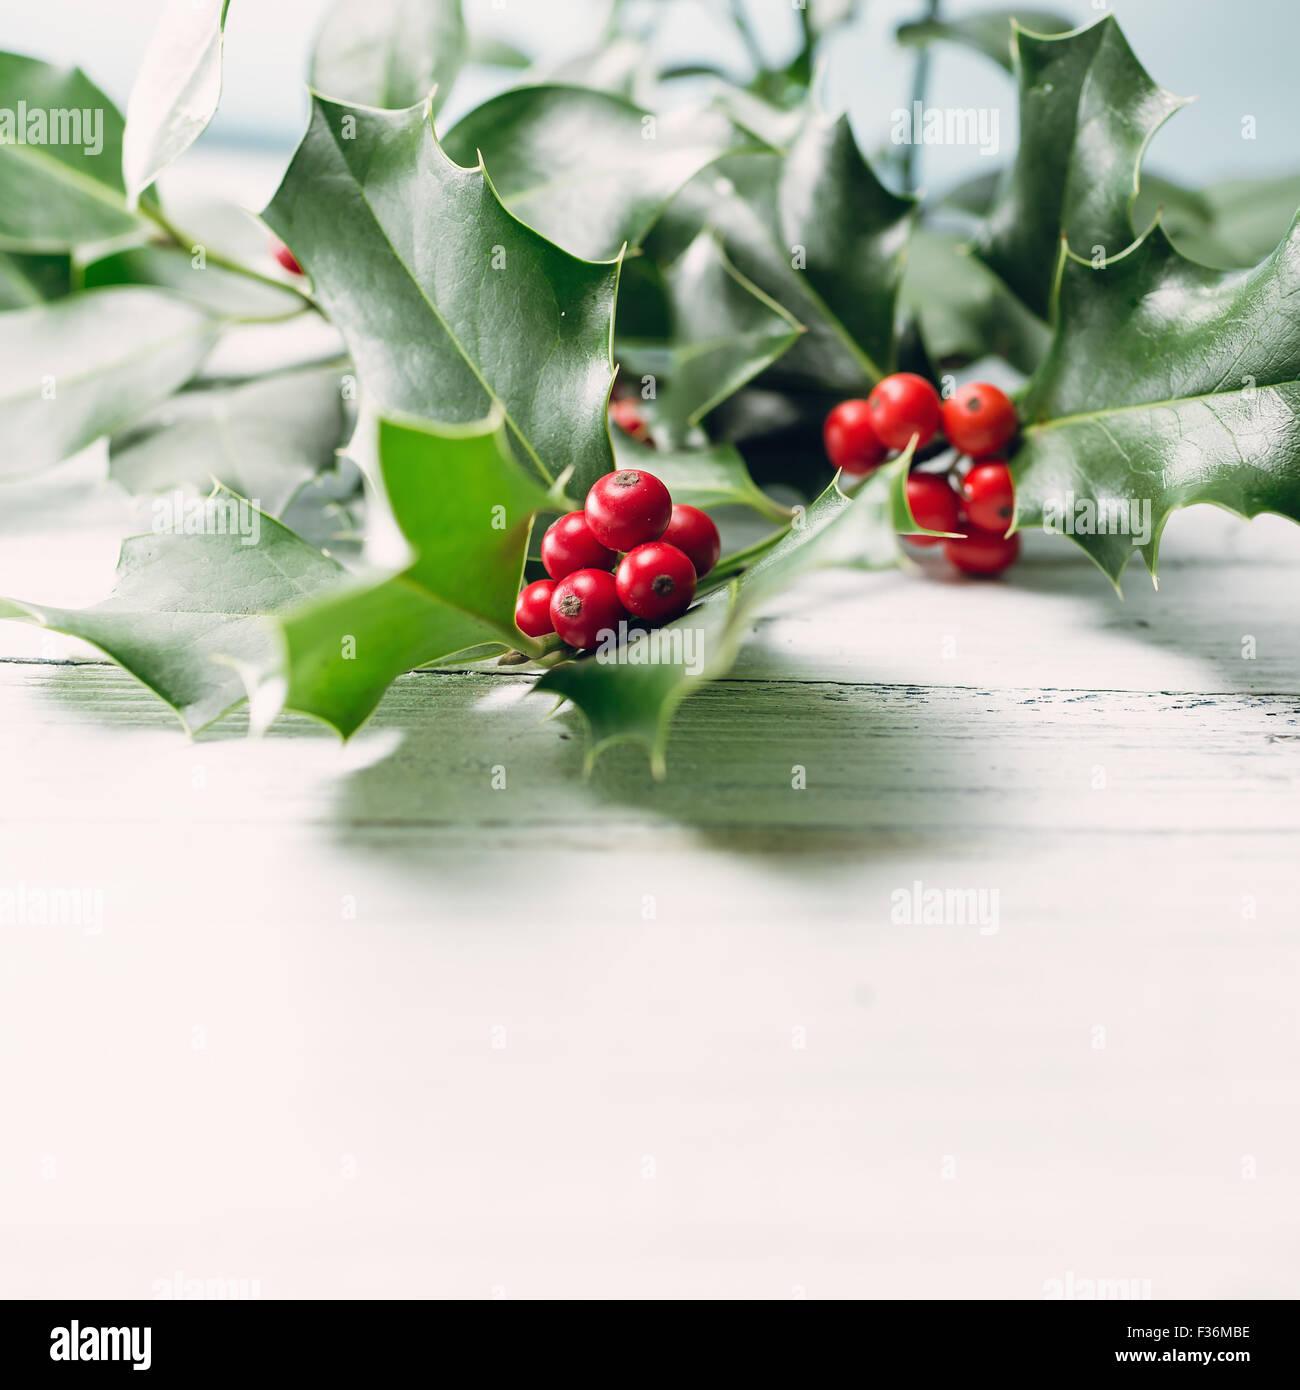 Stechpalme (Ilex Aquifolium) Blätter und Früchte Stockbild